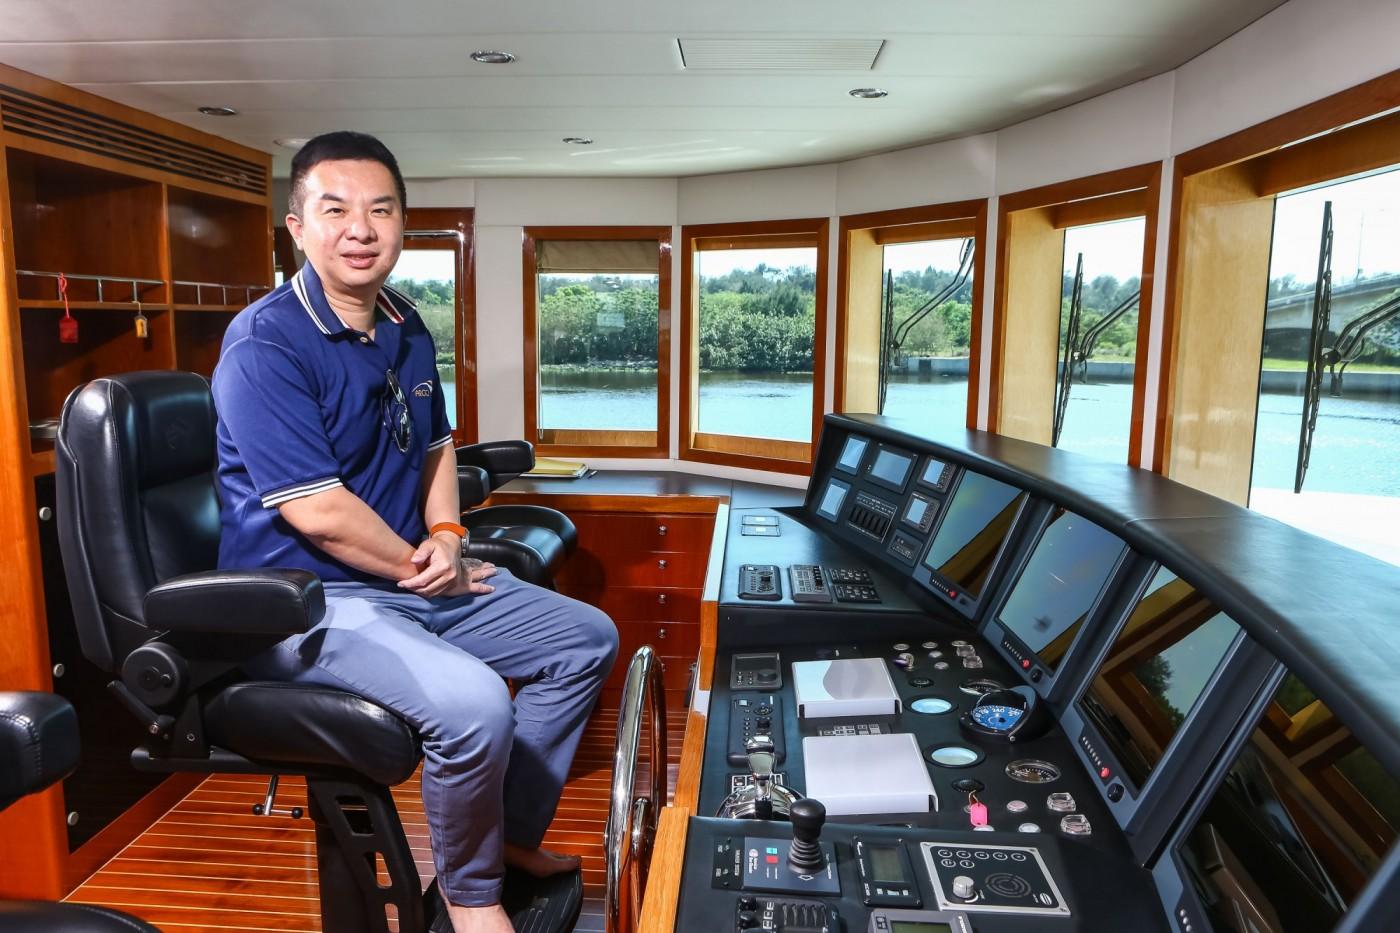 月賠300萬也要買!遊艇大亨侯佑霖當上燦星旅董事長,在打什麼算盤?